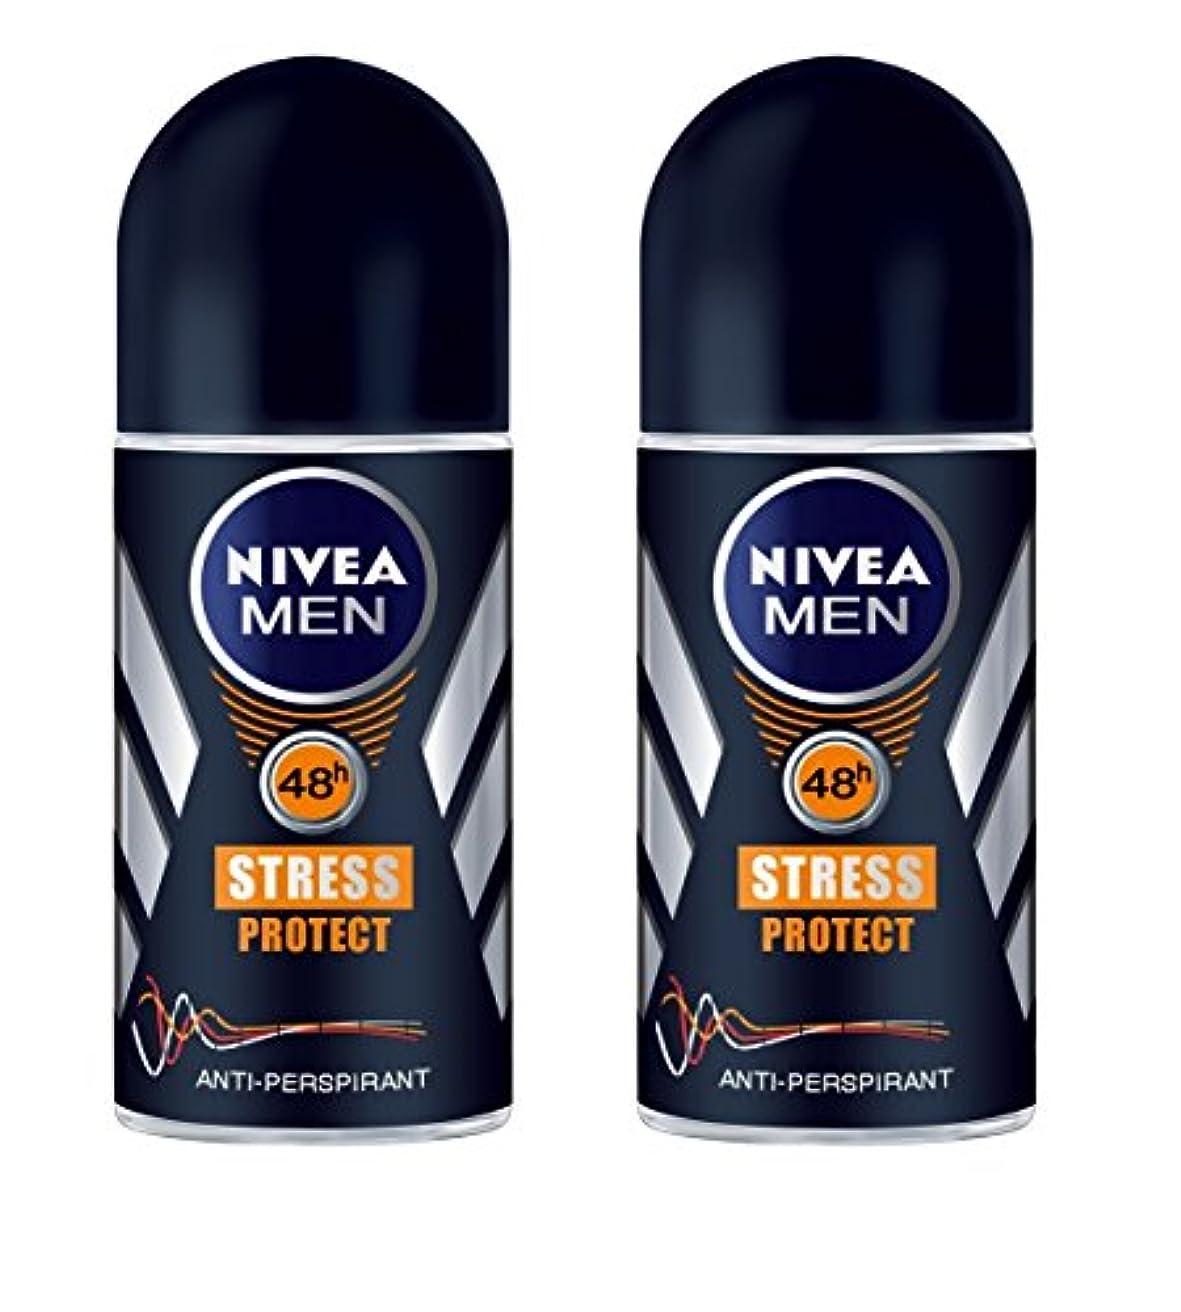 おしゃれな原理ビルダー(Pack of 2) Nivea Stress Protect Anti-perspirant Deodorant Roll On for Men 2x50ml - (2パック) ニベア応力プロテクト制汗剤デオドラントロールオン男性用2x50ml